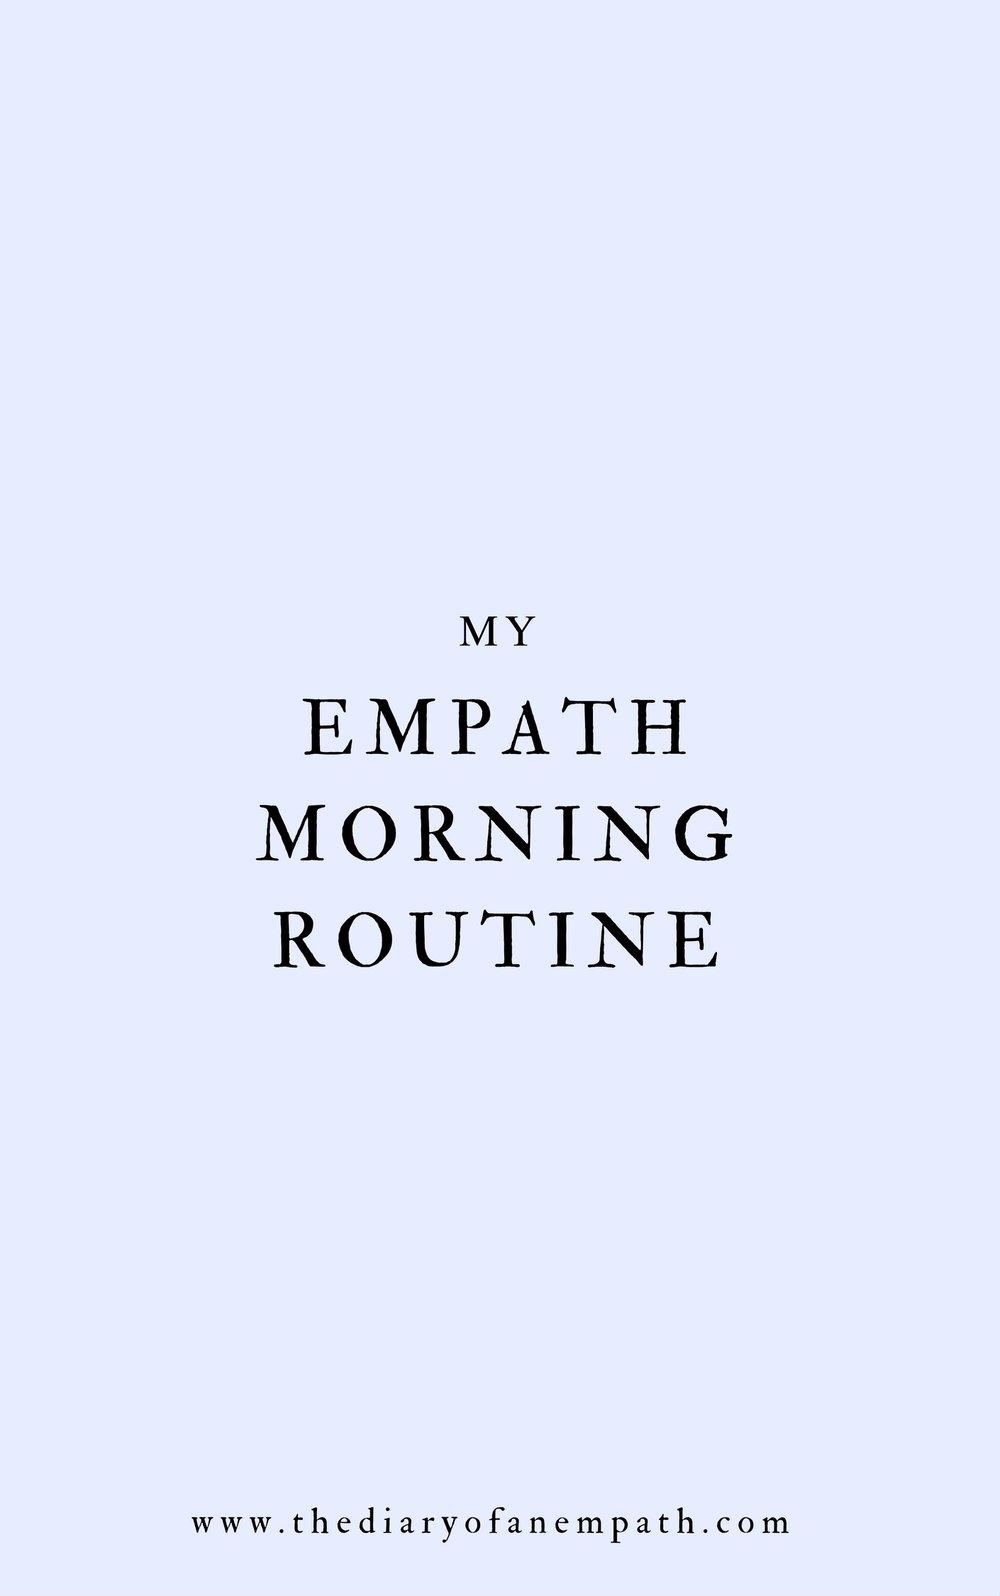 empath morning routine, thediaryofanempath.com